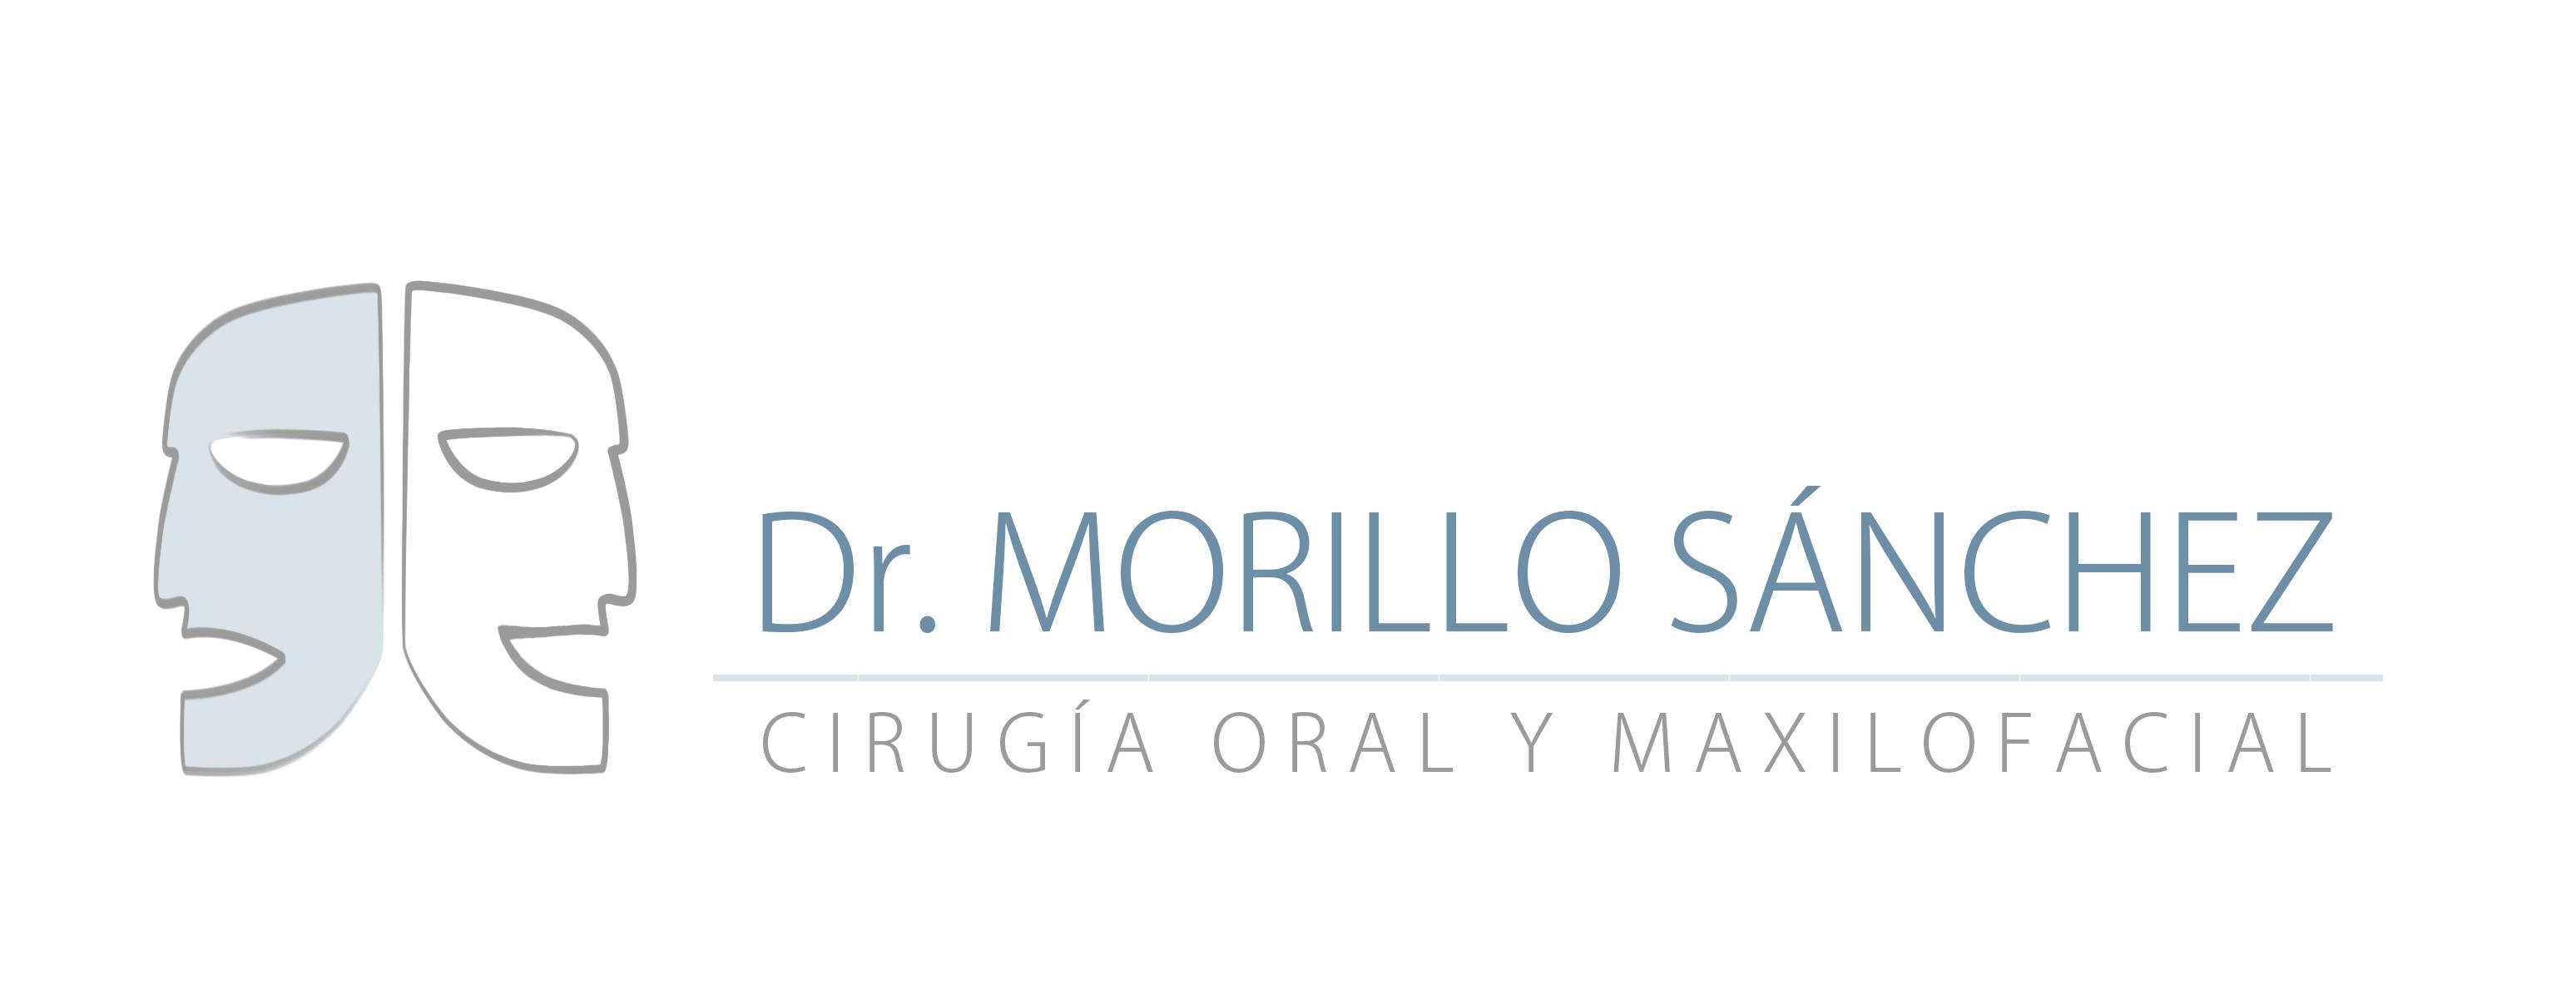 Clínica A. J. Morillo Sánchez-cirugía Oral Y Maxilofacial . Implantes Dentales. En Badajoz